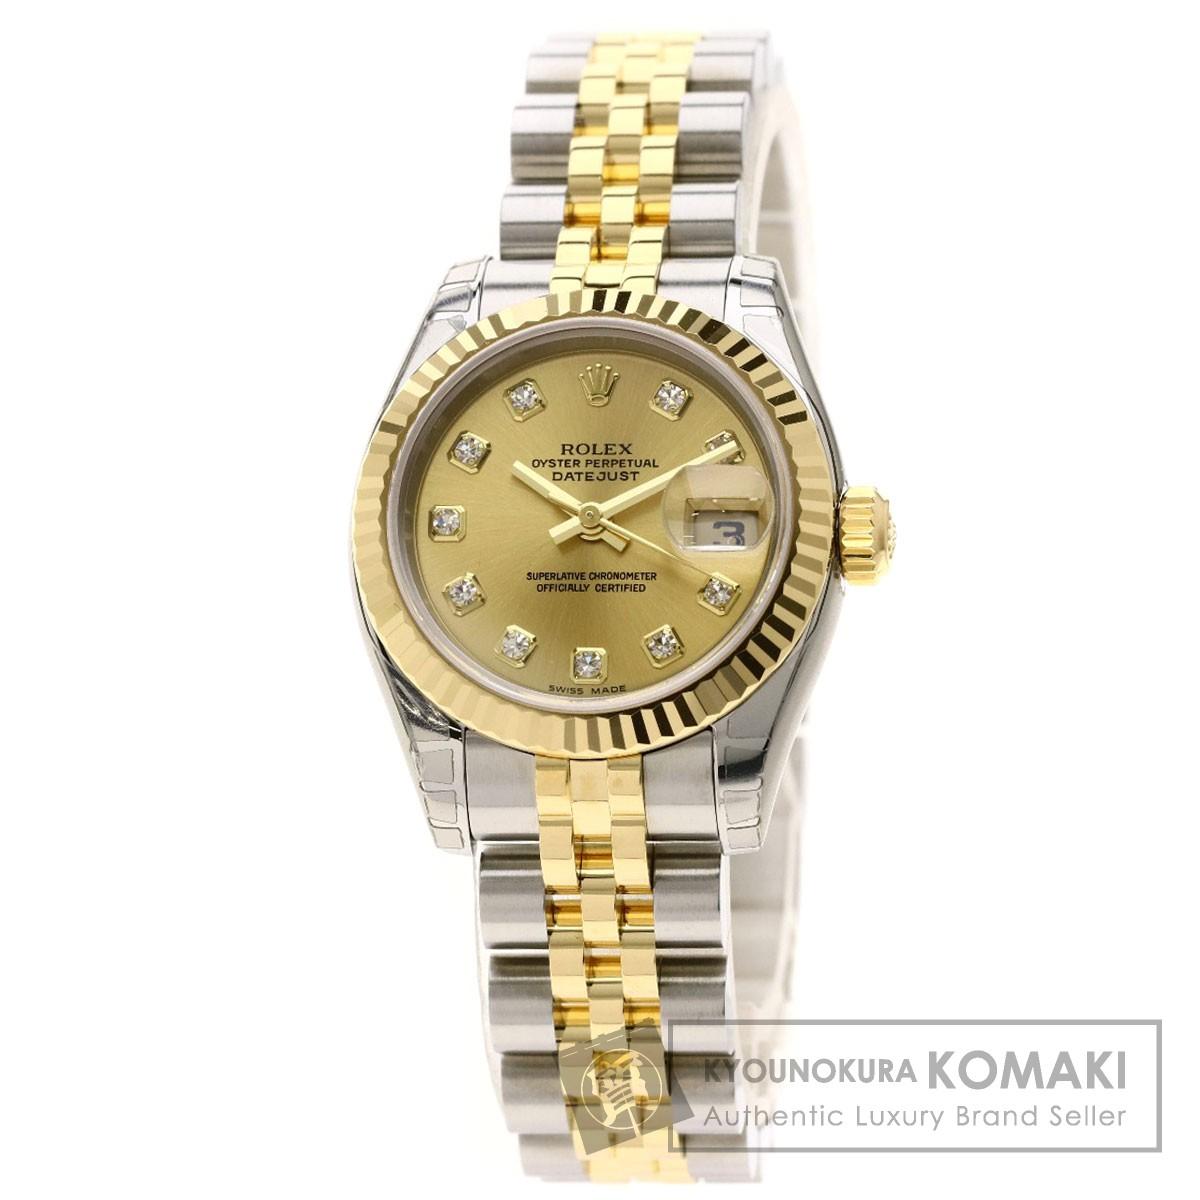 ロレックス 179173G デイトジャスト 10Pダイヤモンド 腕時計 ステンレススチール/SSxK18YG/K18YG レディース 【中古】【ROLEX】